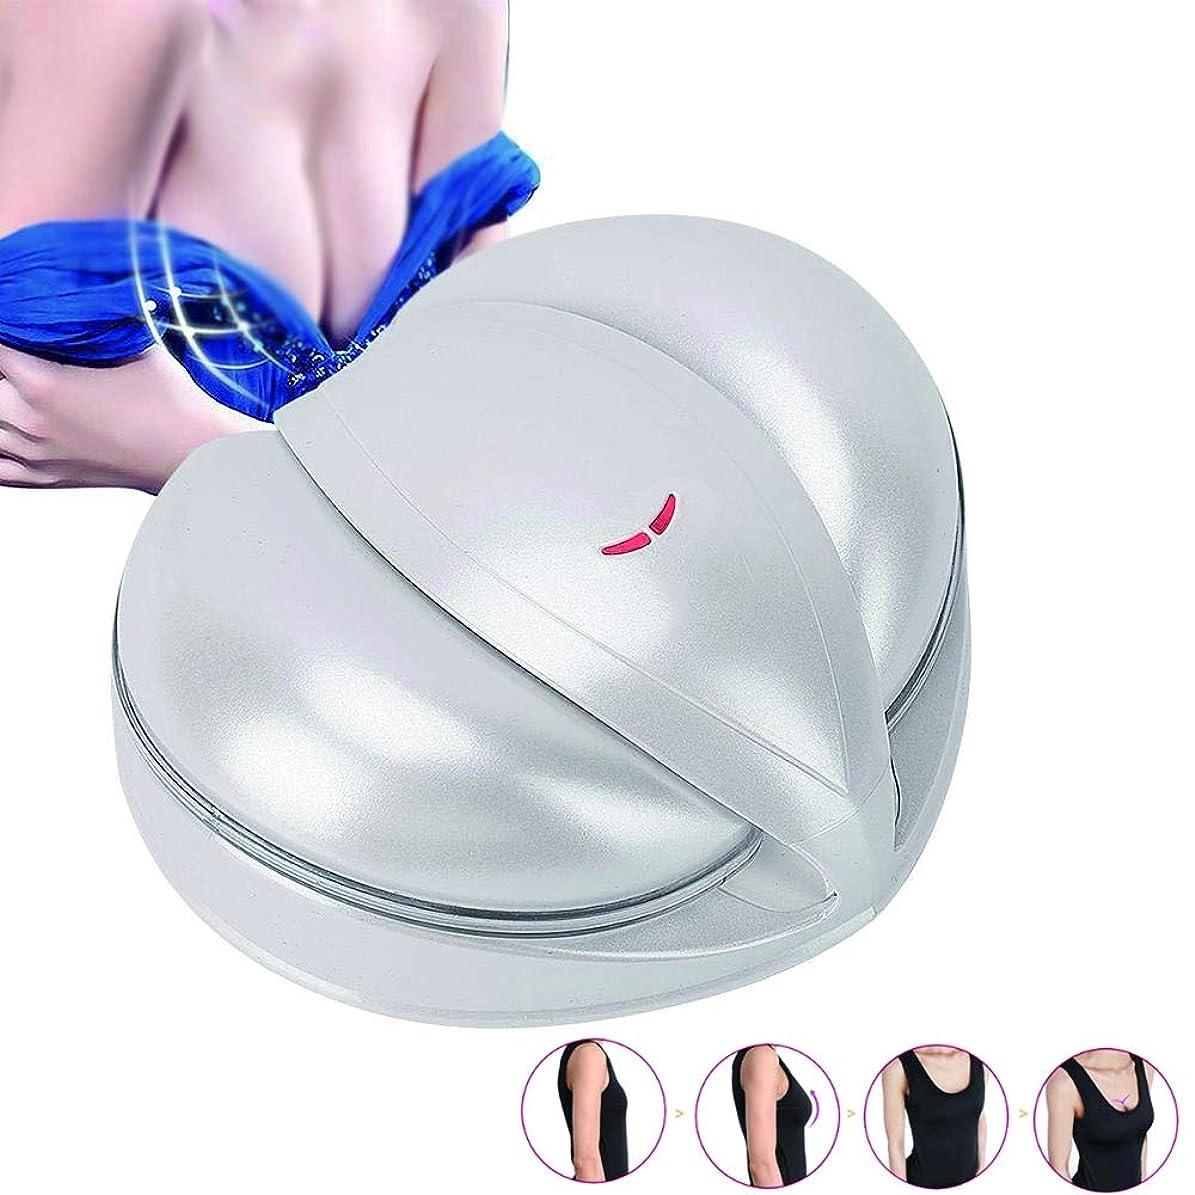 秘密の闘争アサート胸部マッサージ器胸の強化インストゥルメント、?胸のリフティングマッサージ器電動乳引き伸ばしおよび抗たるみマッサージ装置